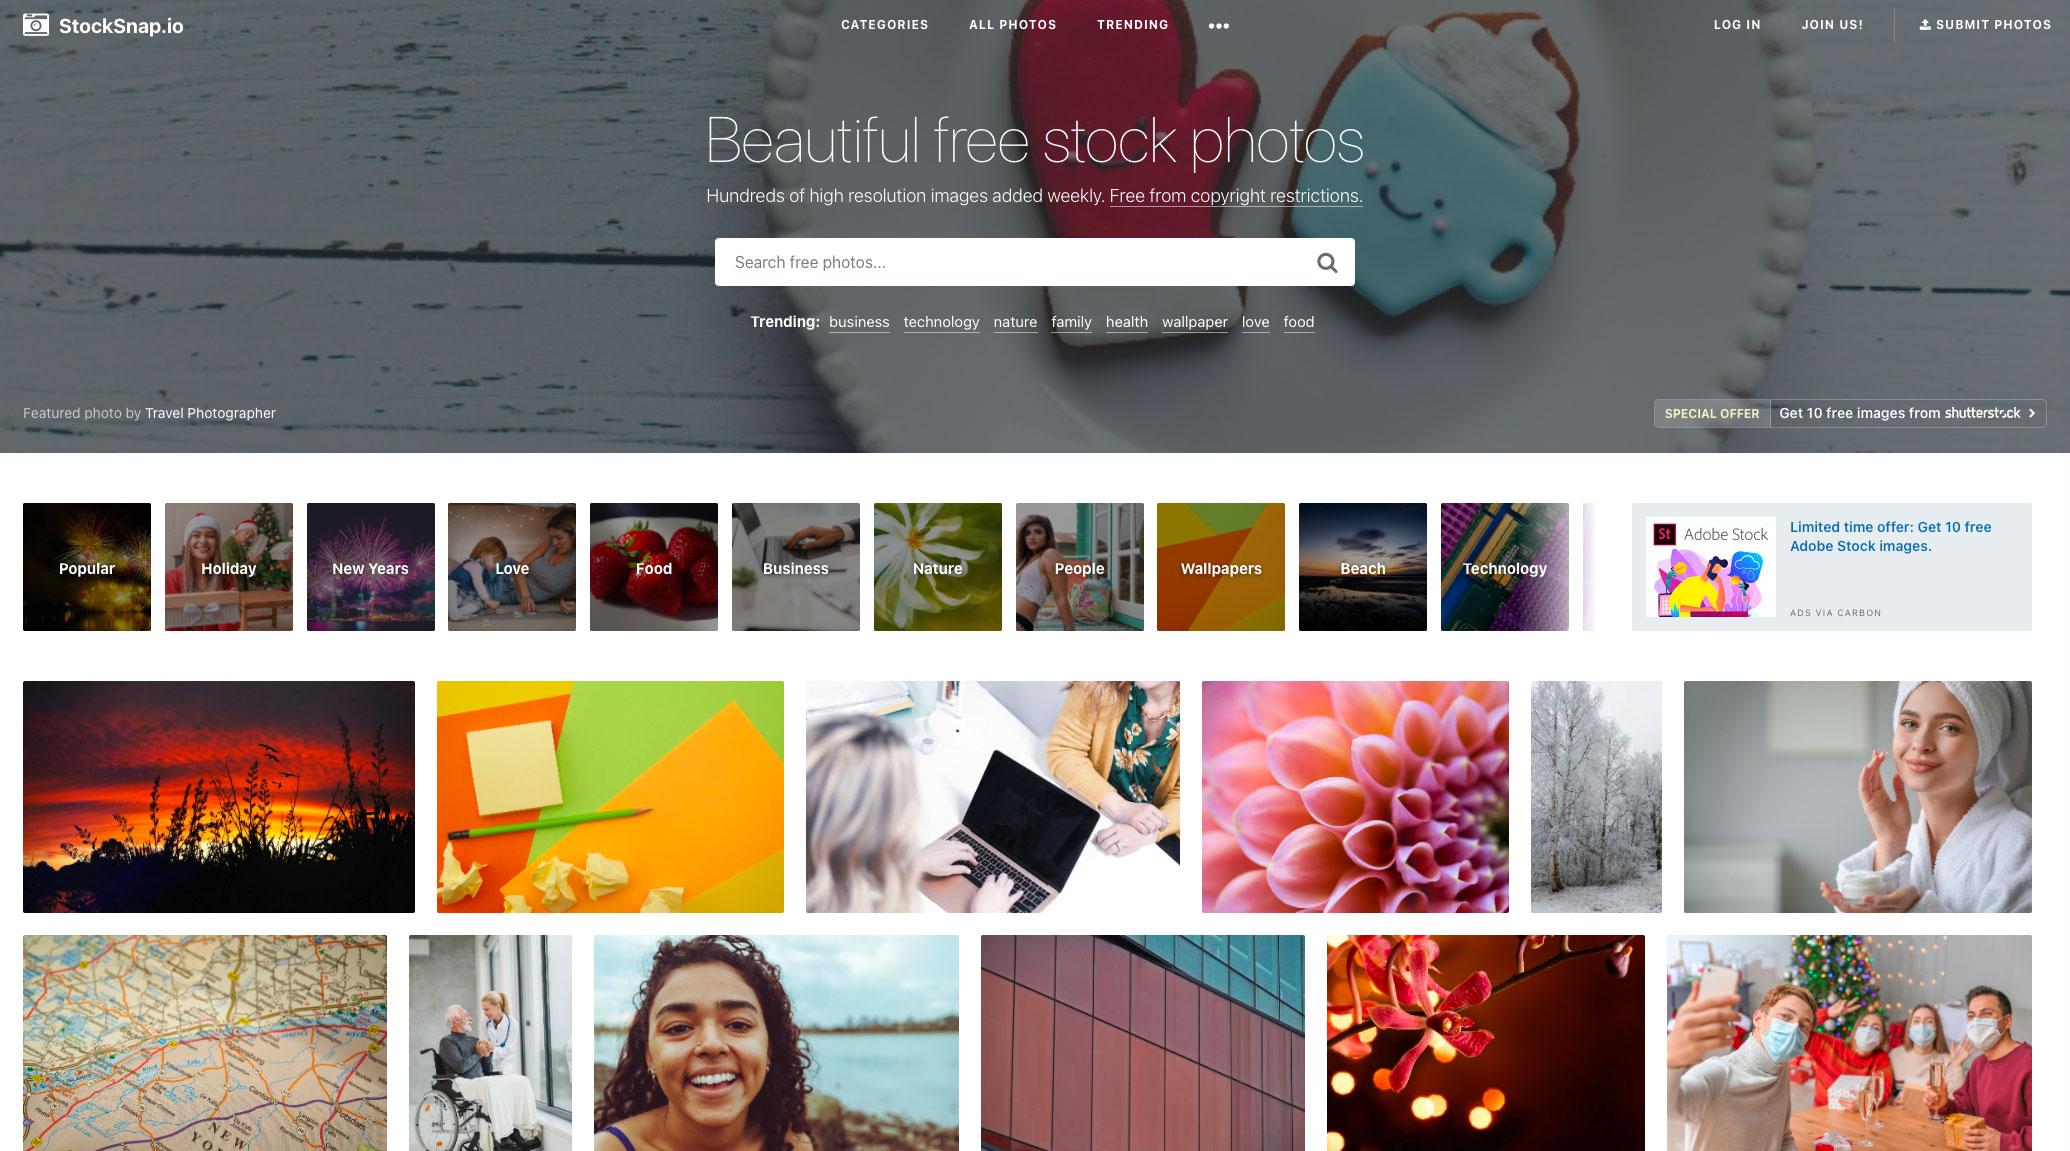 La page d'accueil de StockSnap.io